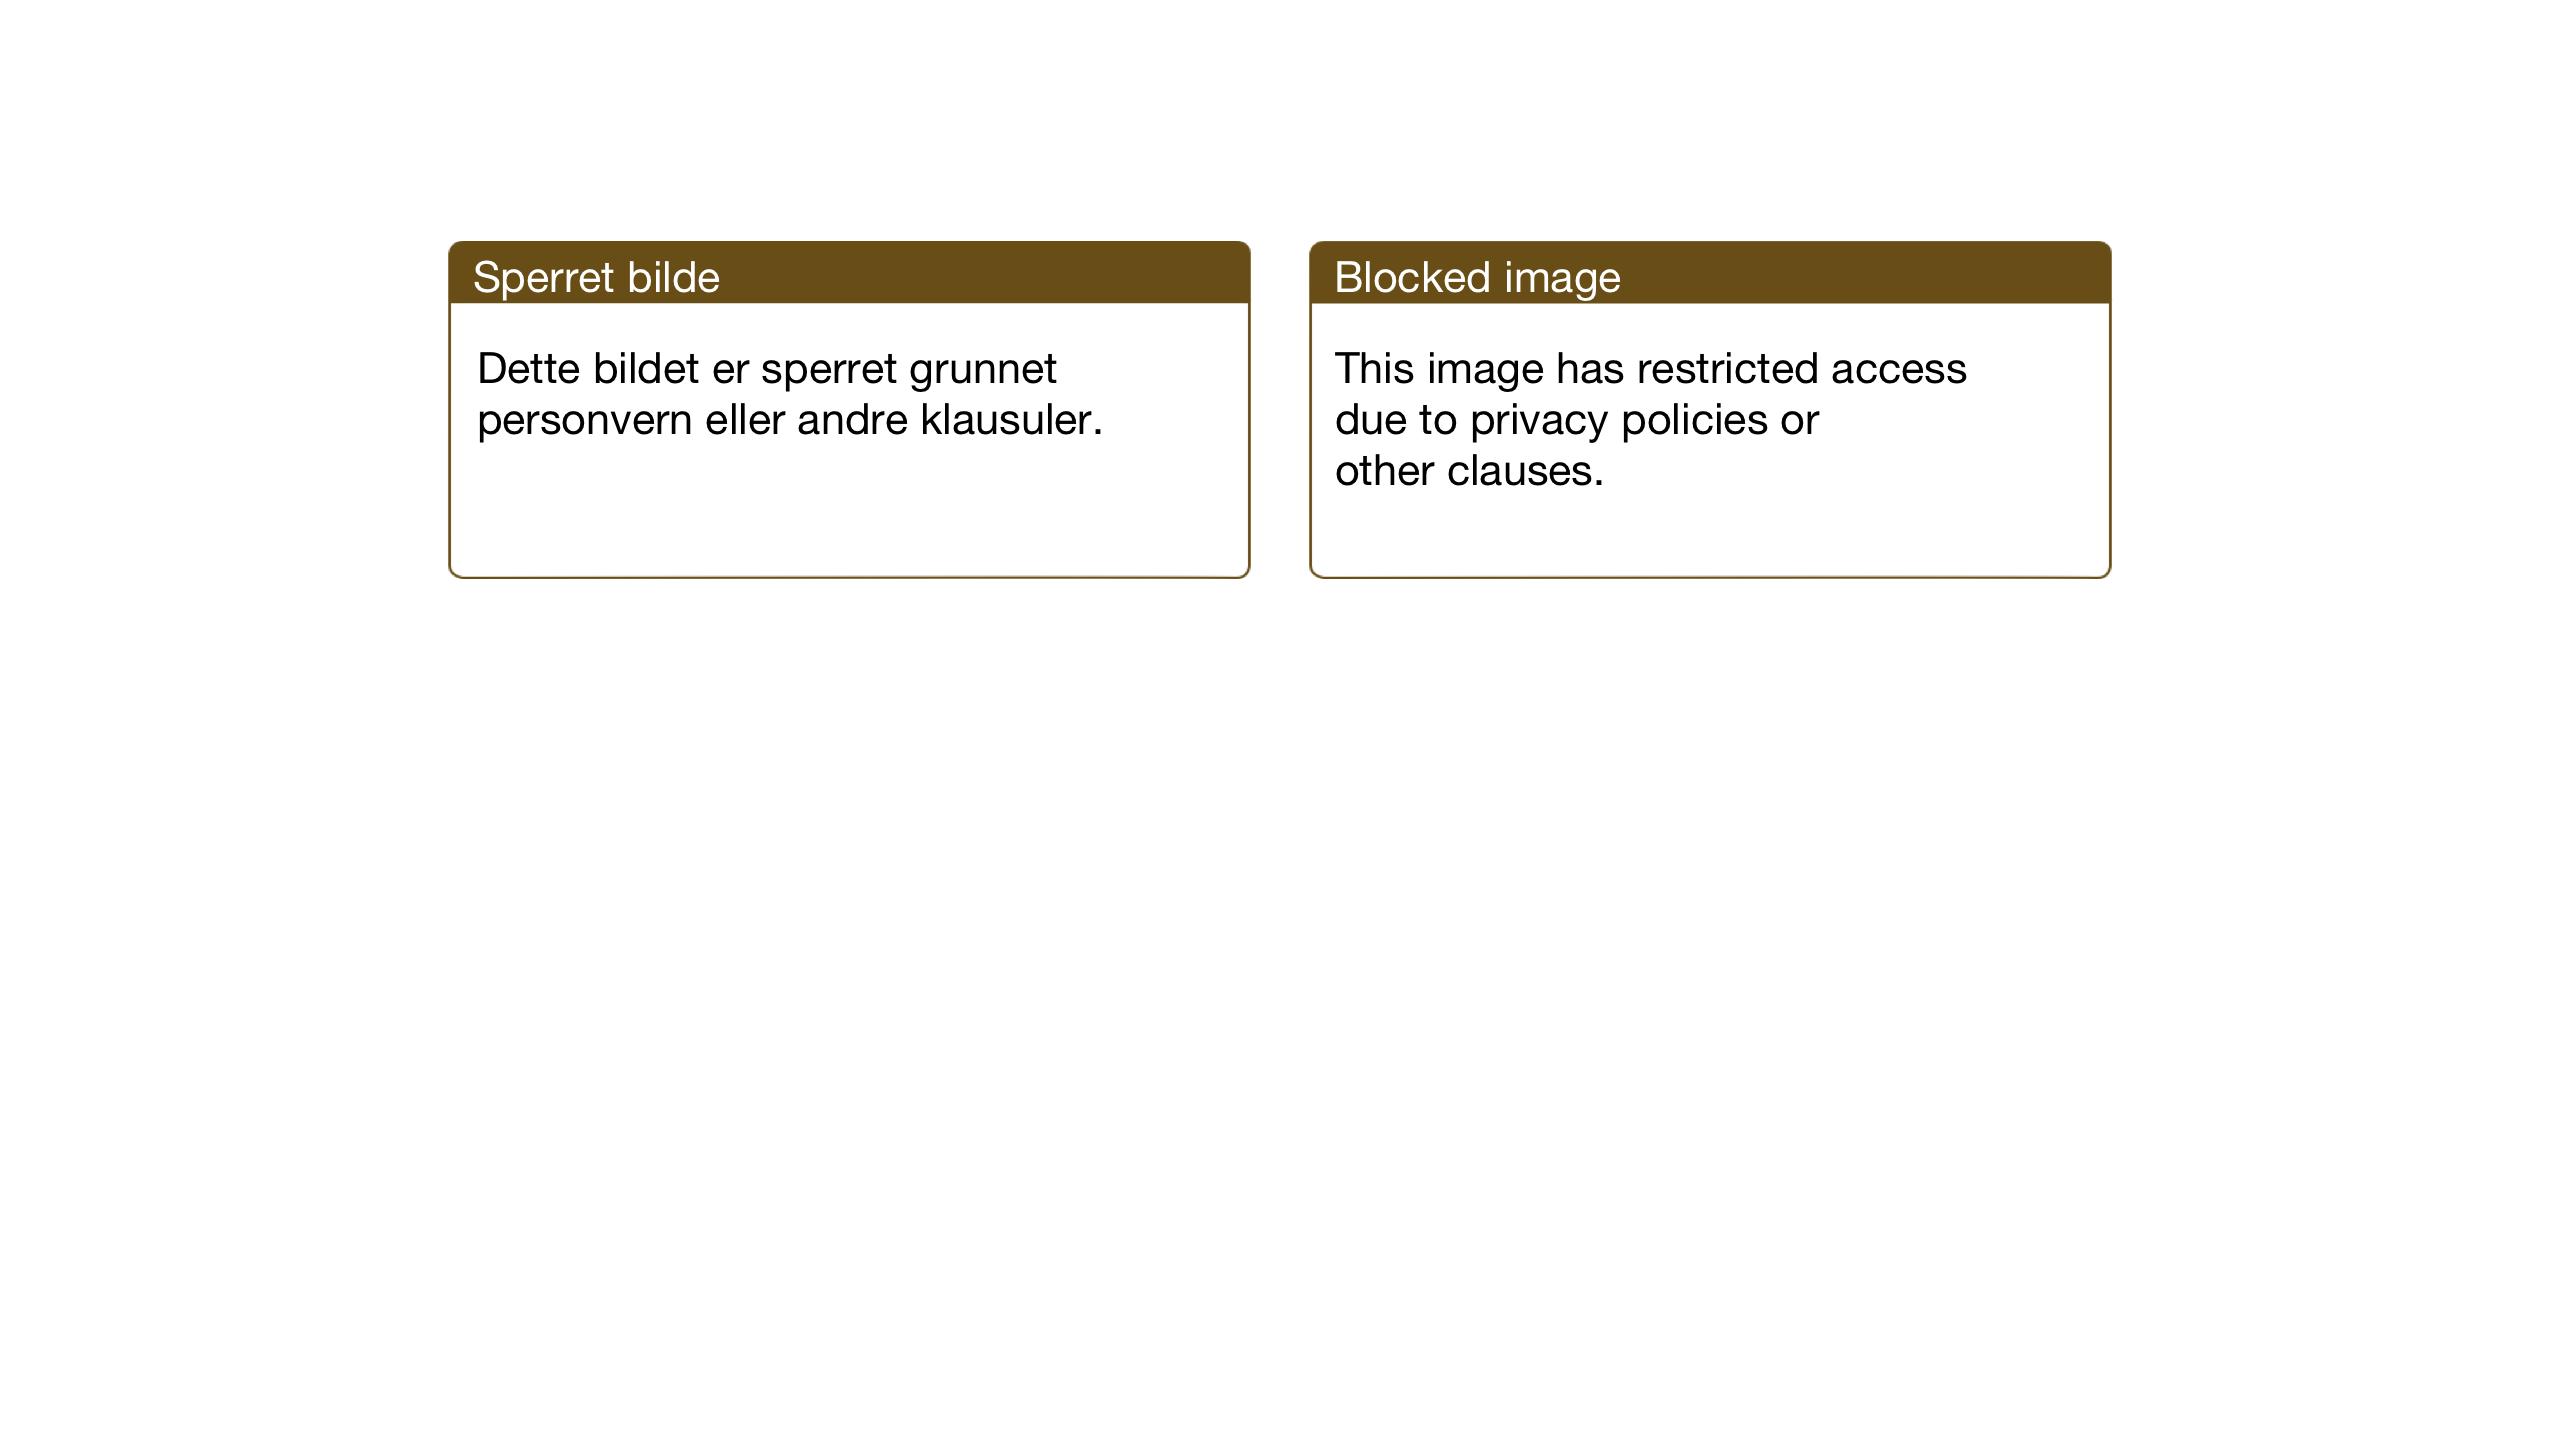 SAT, Ministerialprotokoller, klokkerbøker og fødselsregistre - Sør-Trøndelag, 638/L0569: Klokkerbok nr. 638C01, 1923-1961, s. 218